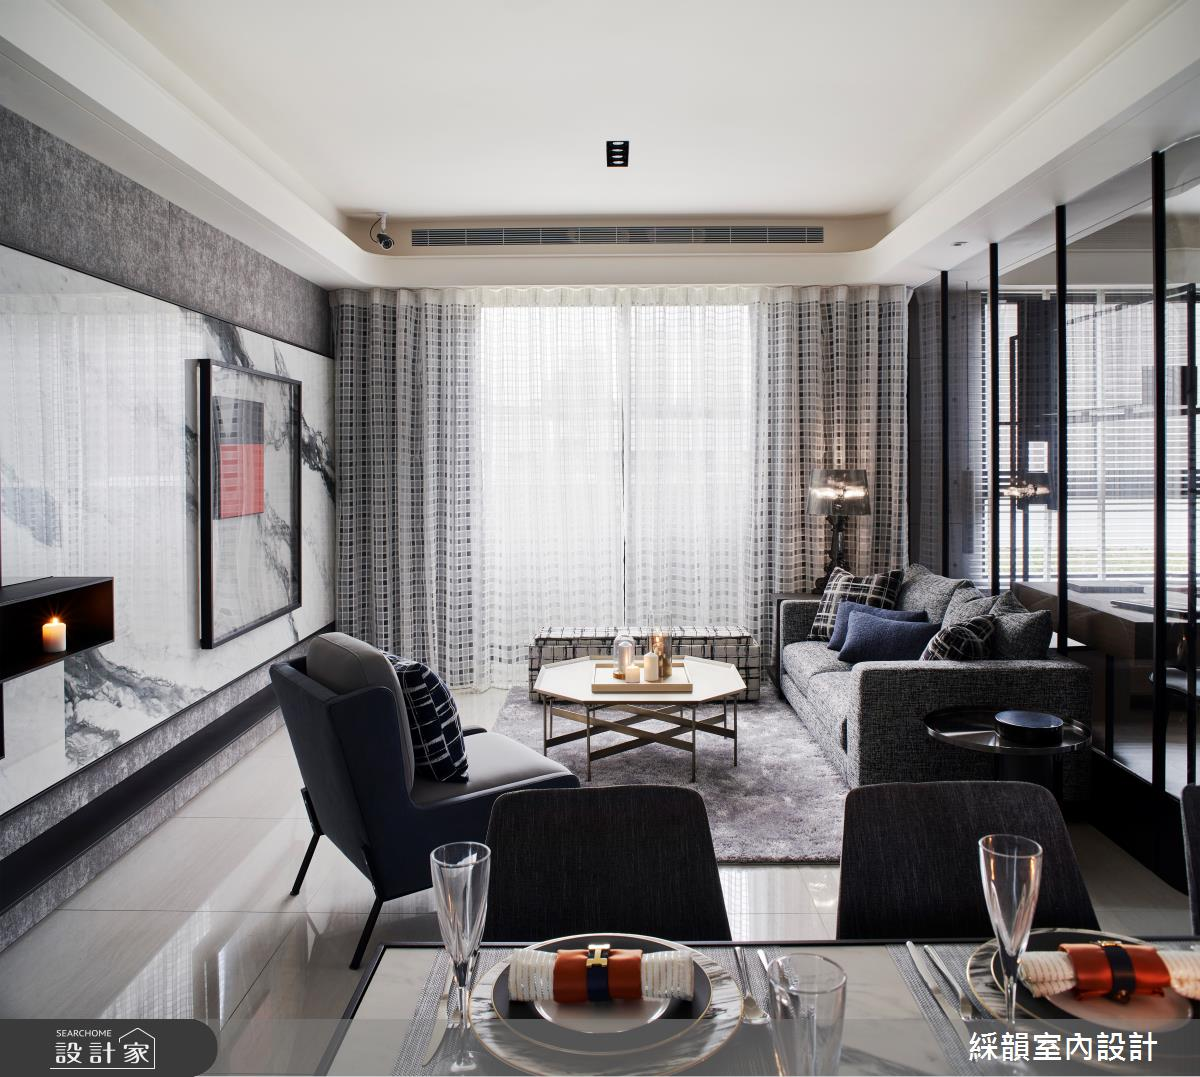 45坪預售屋_現代風案例圖片_綵韻室內設計有限公司_綵韻_39之4